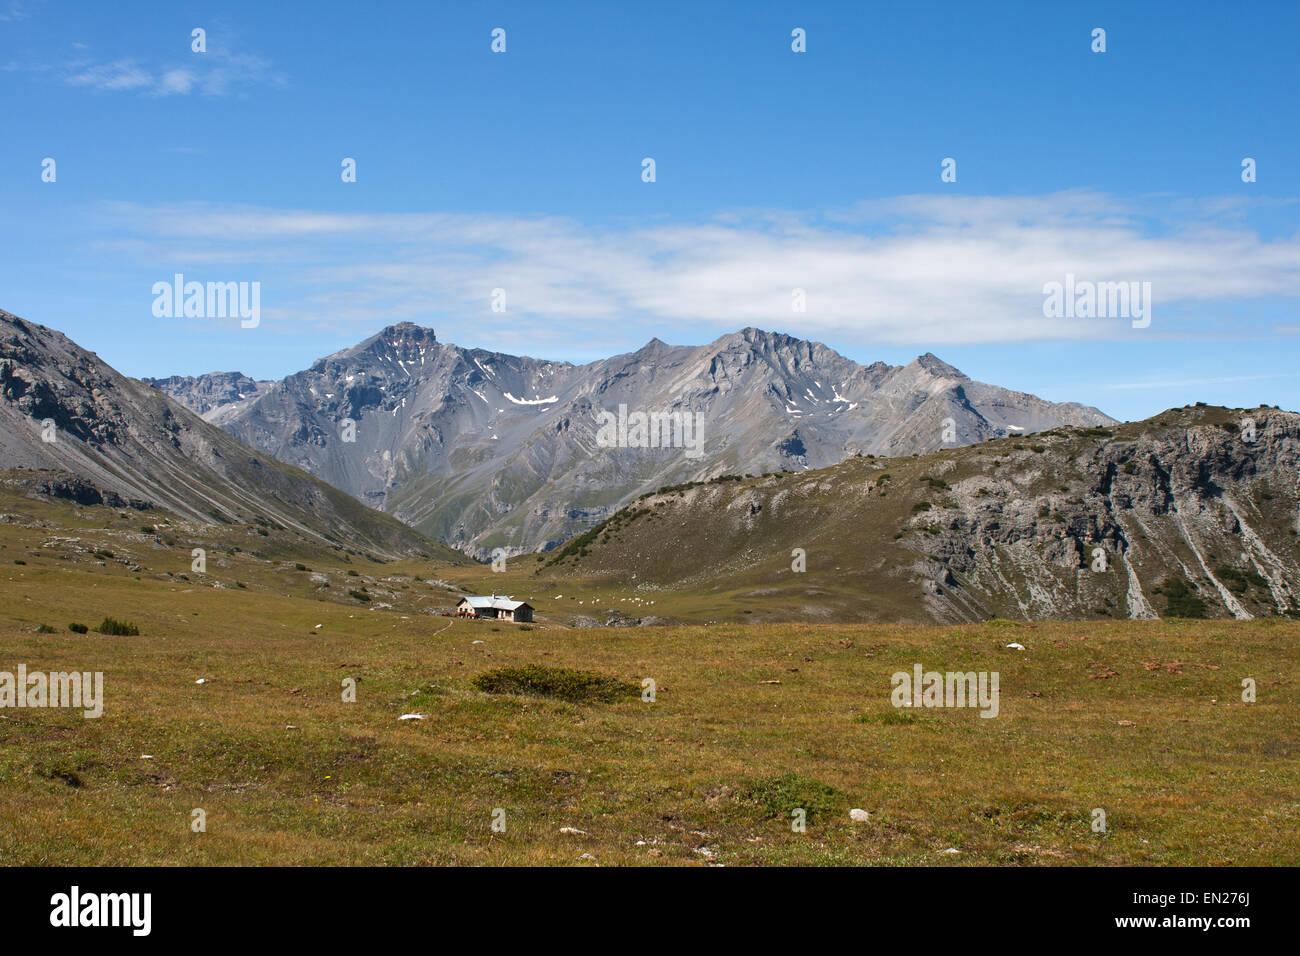 Cima Paradiso peak Svizzera Engadina Alpi con casa nel campo di erba rossa Foto Stock